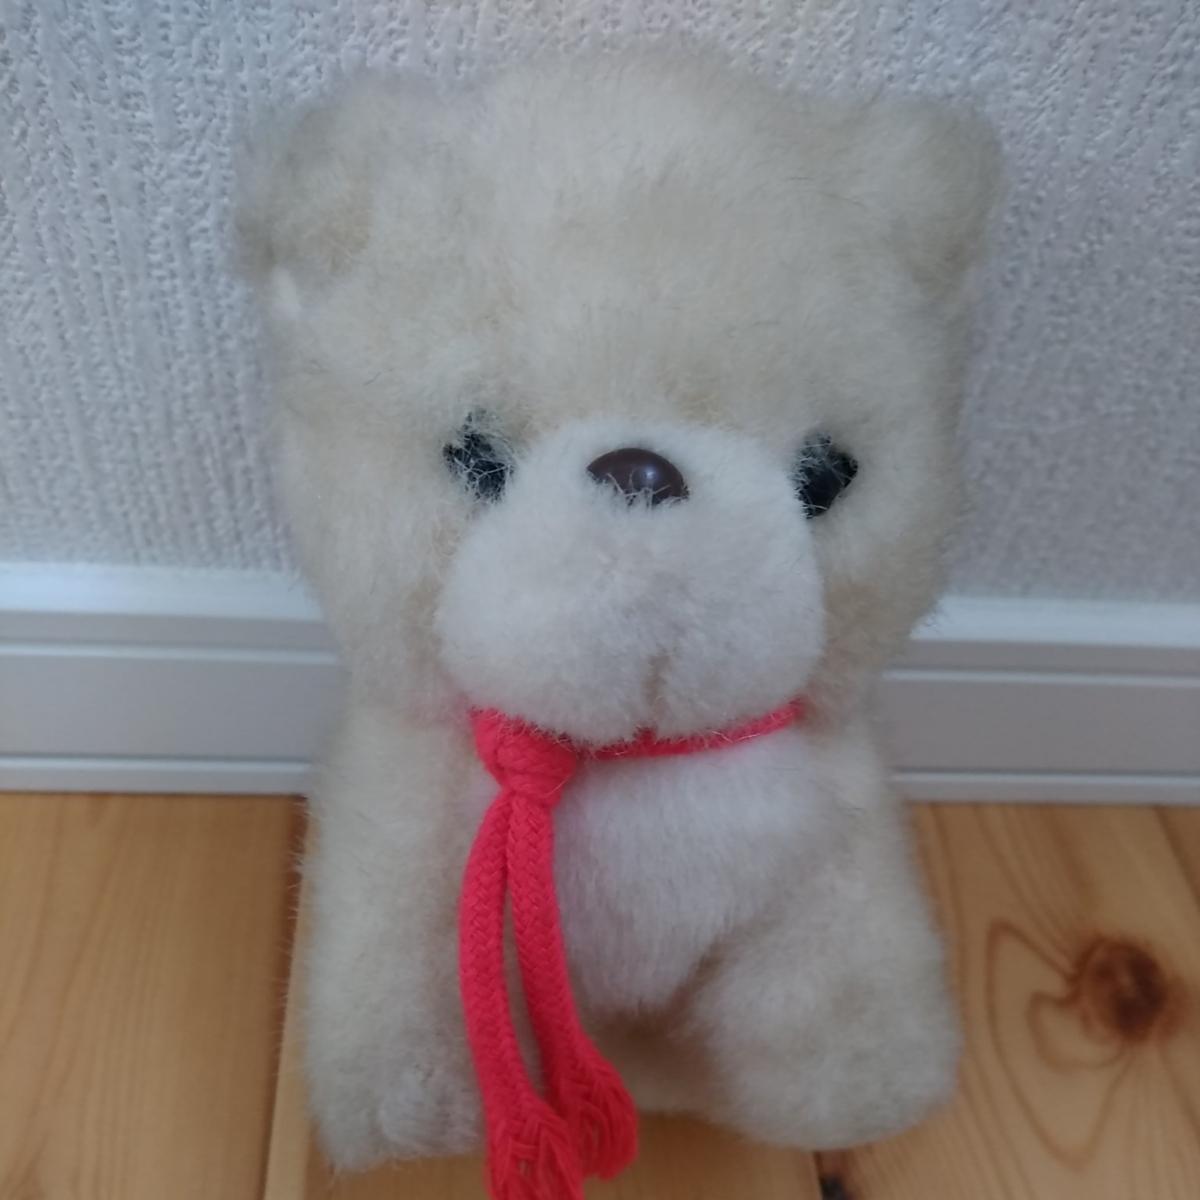 昭和 レトロ ぬいぐるみ 人形 サンリオ キャラクター 犬 イヌ 動物 当時物 検索 キキララ キティ マイメロ コレクター _画像1